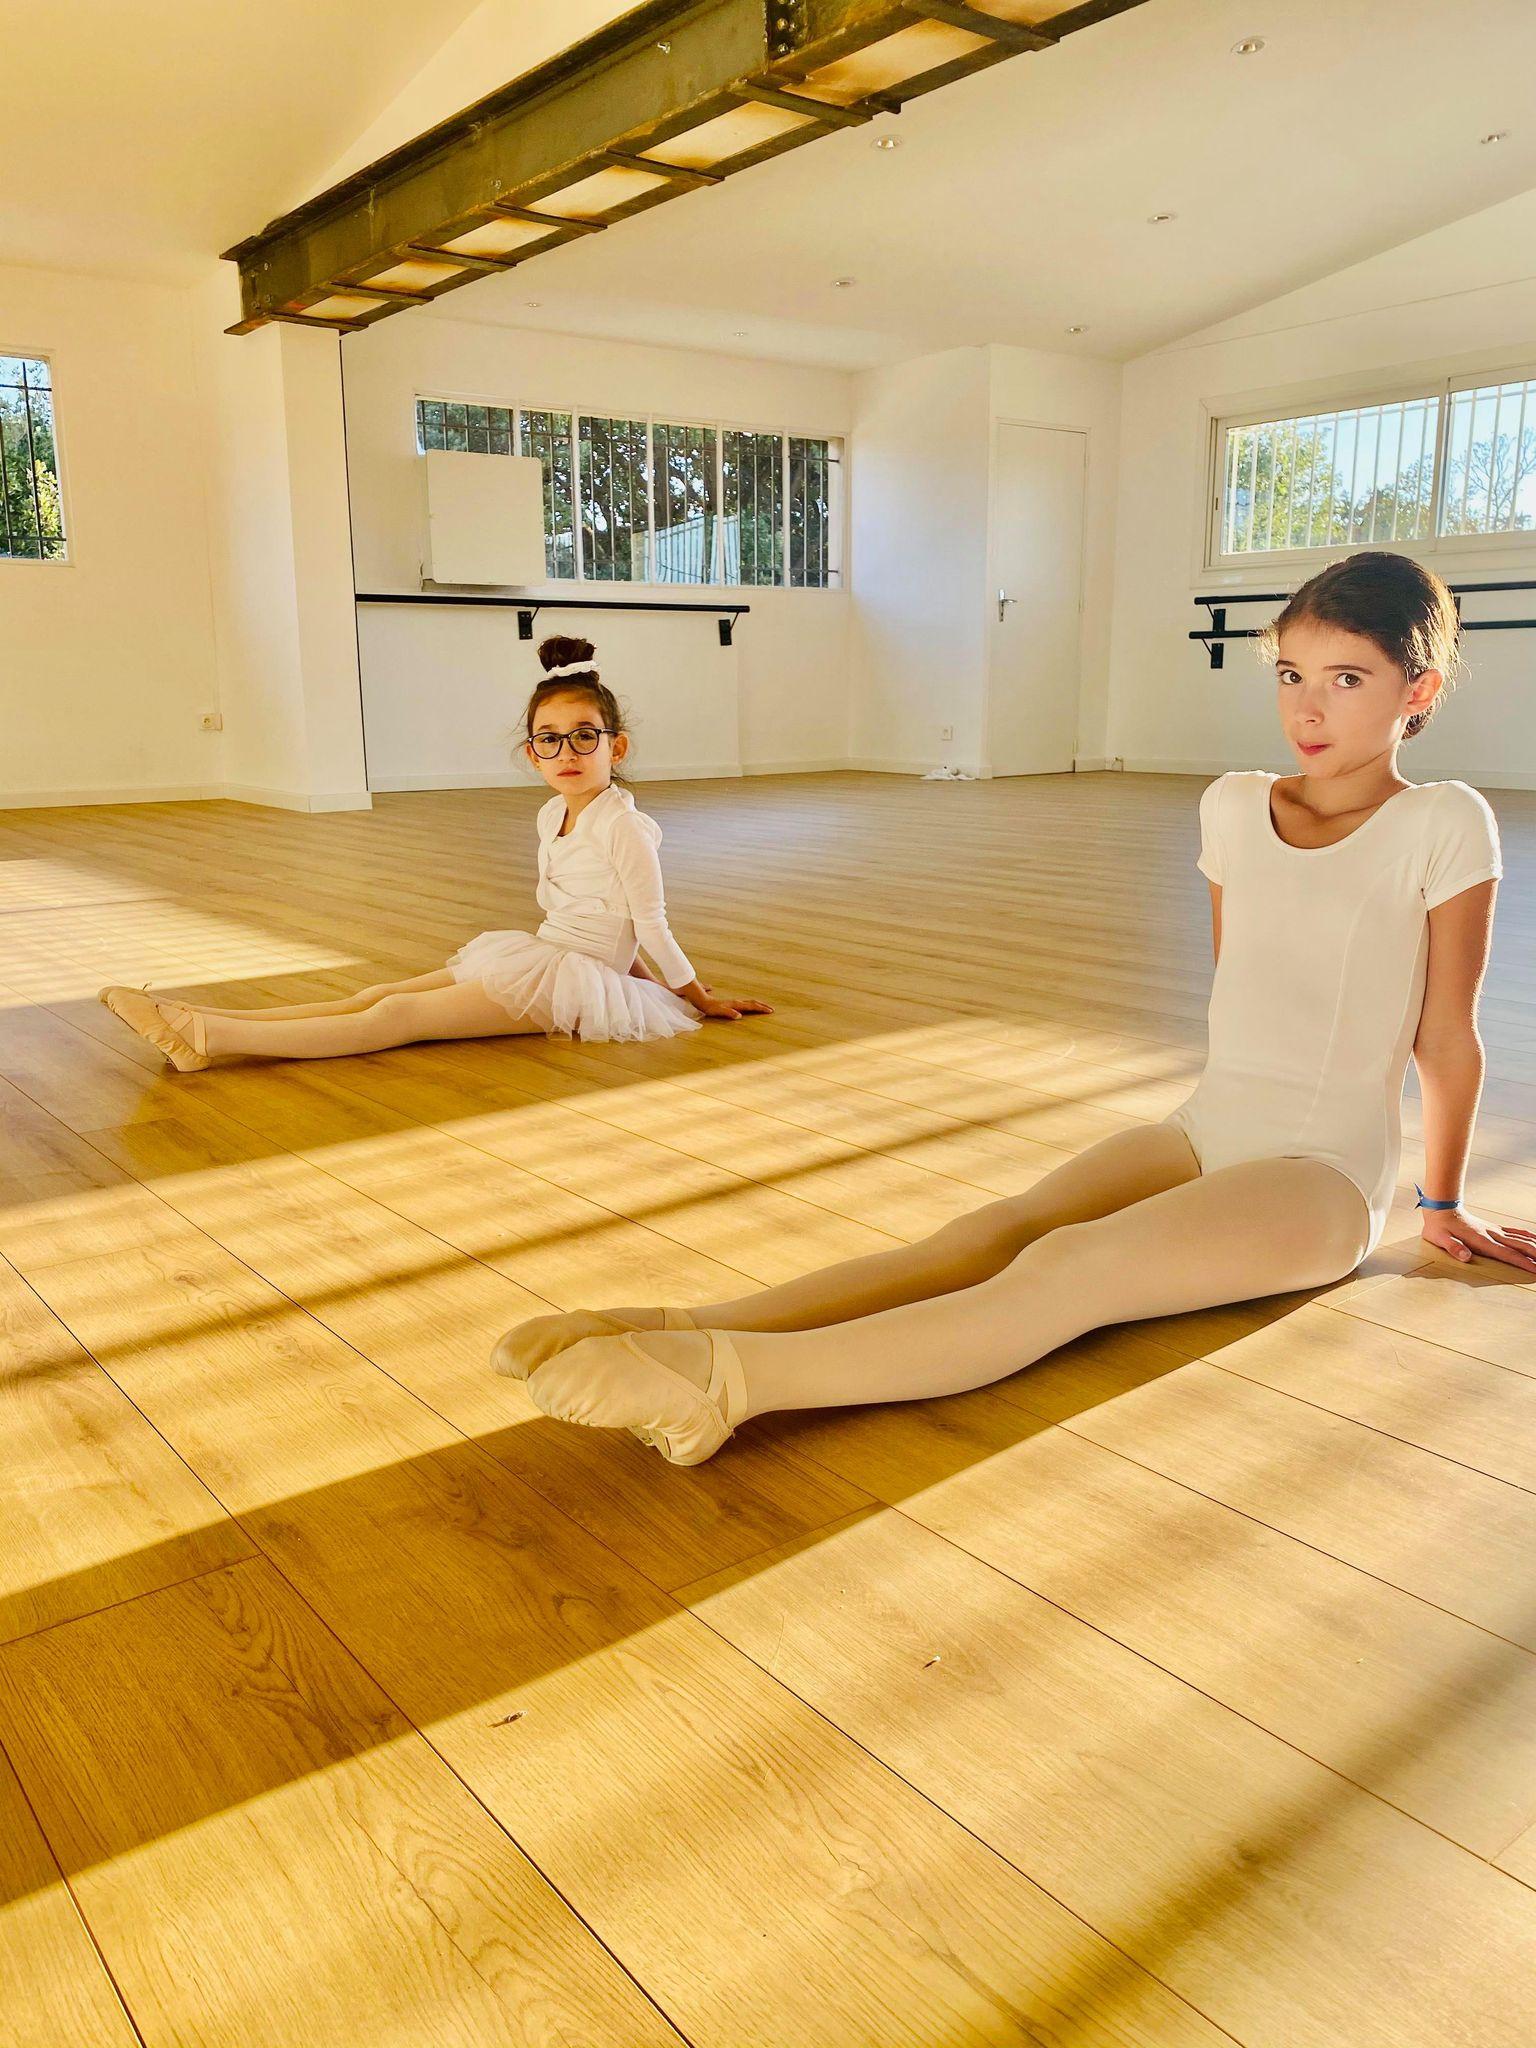 cours de danse classique ecole de danse carla raiess ollioules